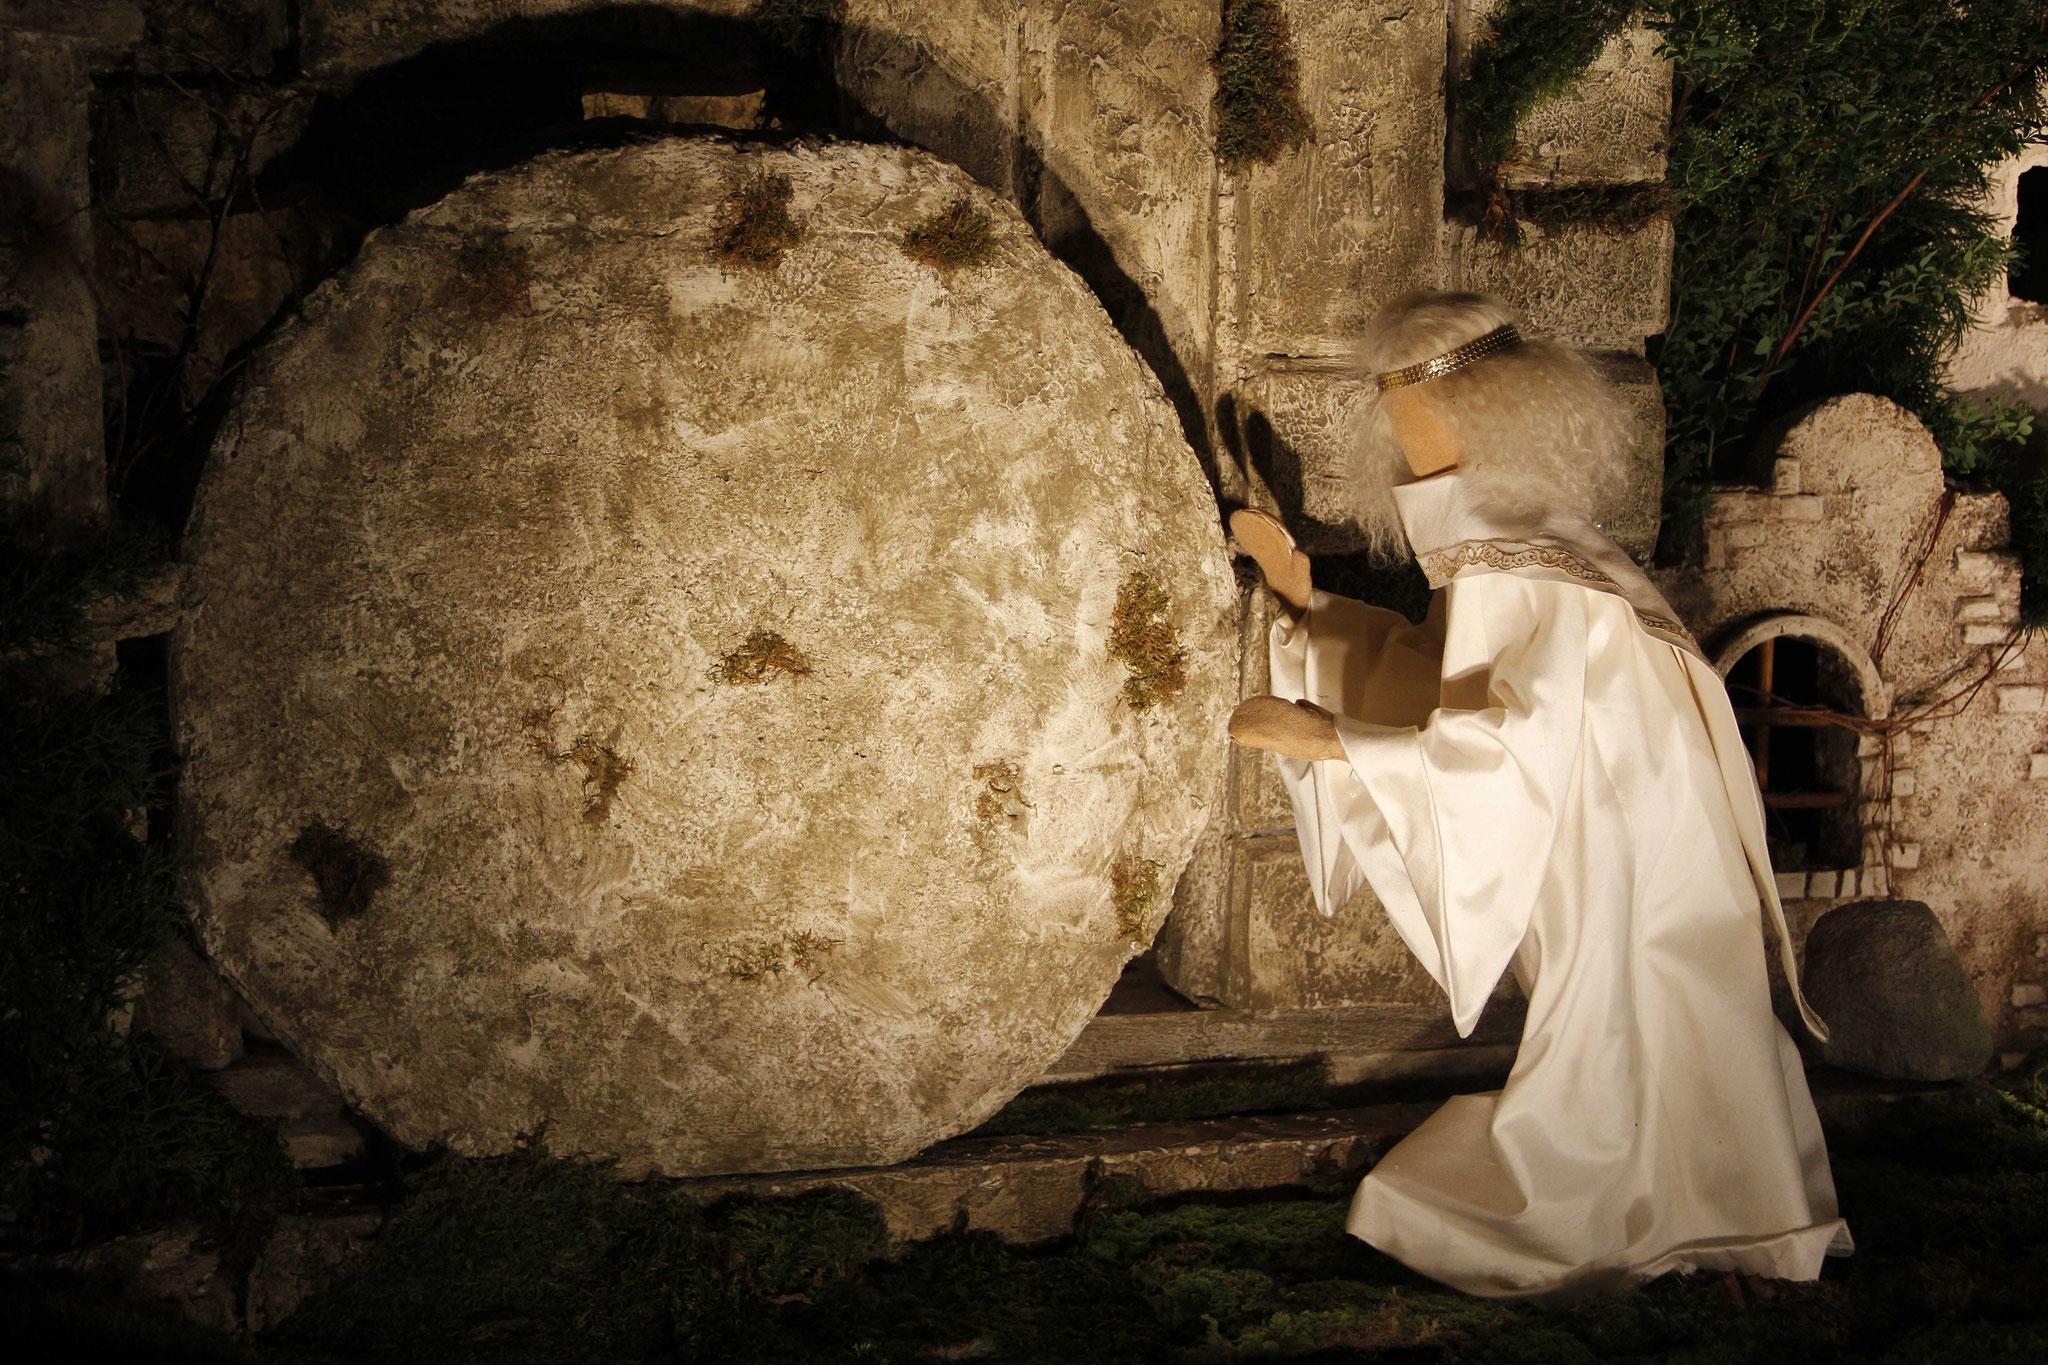 Plötzlich entstand ein gewaltiges Erdbeben; denn ein Engel des Herrn kam vom Himmel herab, trat an das Grab, wälzte den Stein weg und setzte sich darauf.